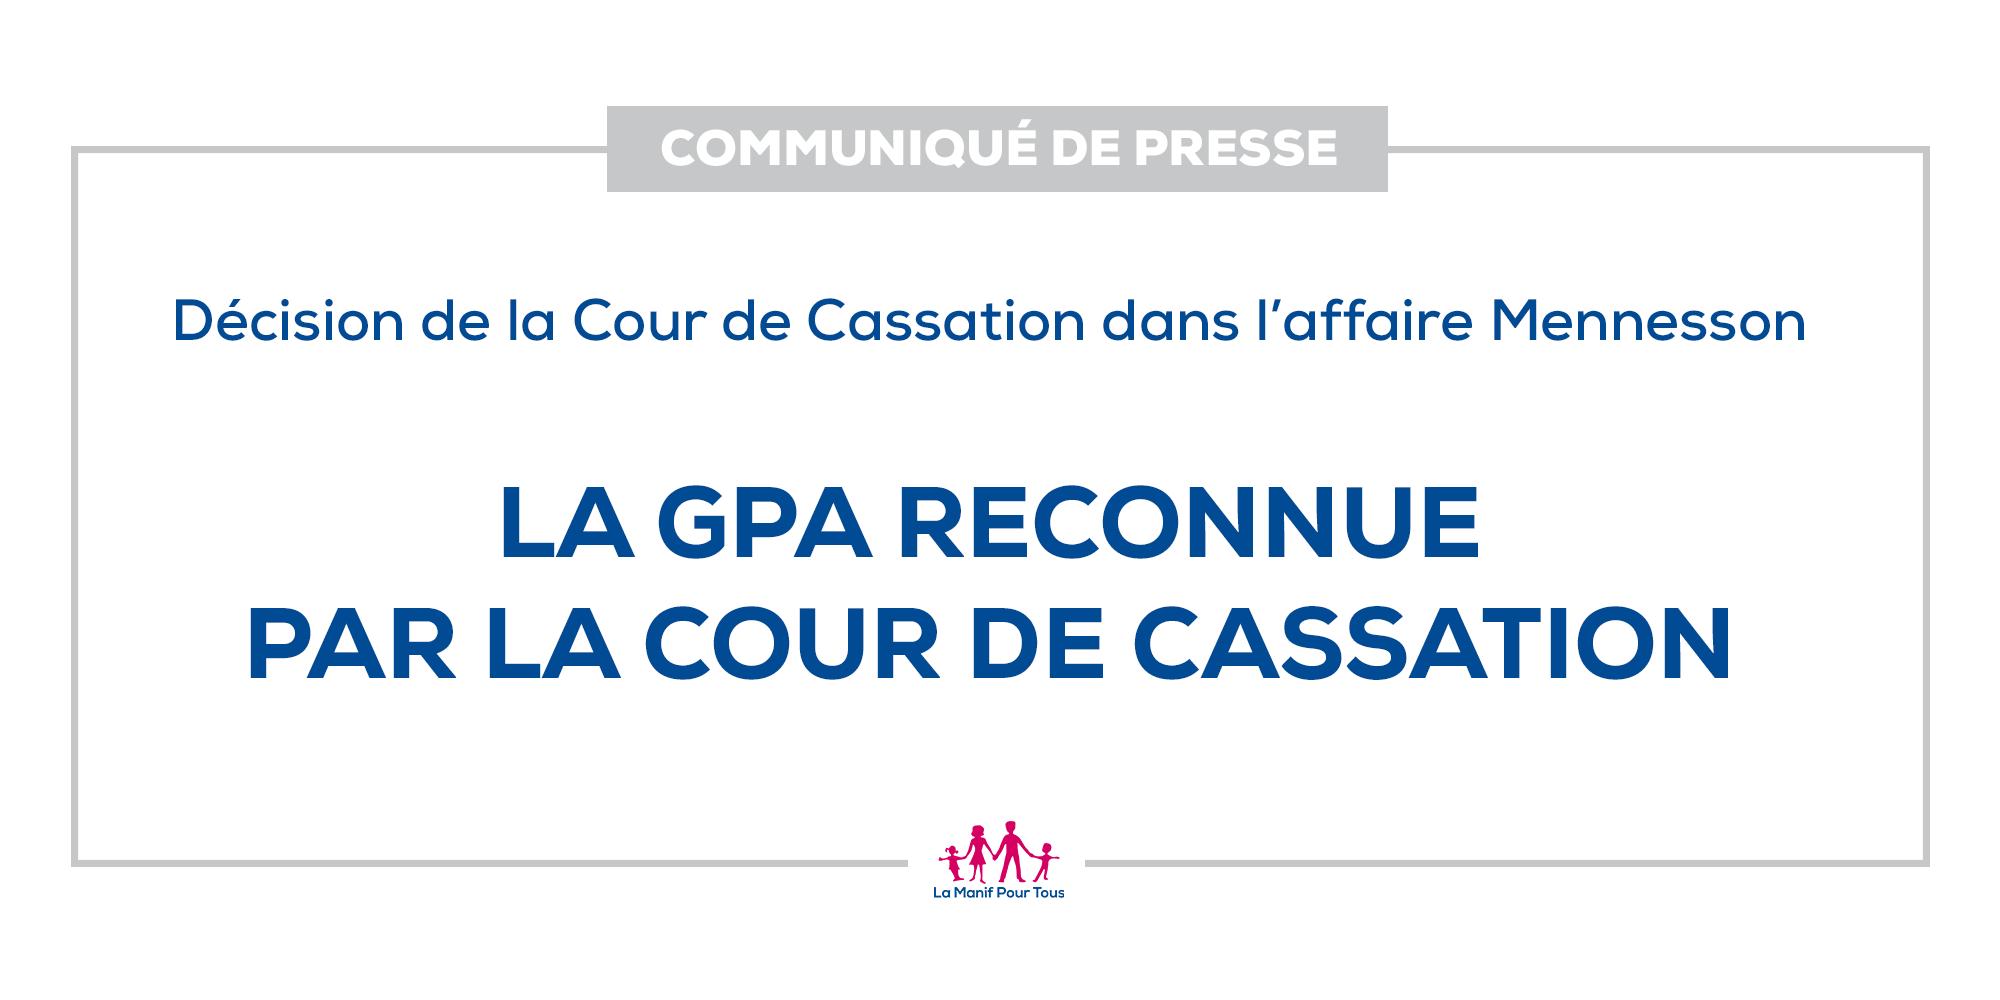 Image - Communiqué – La GPA reconnue par la cour de Cassation !